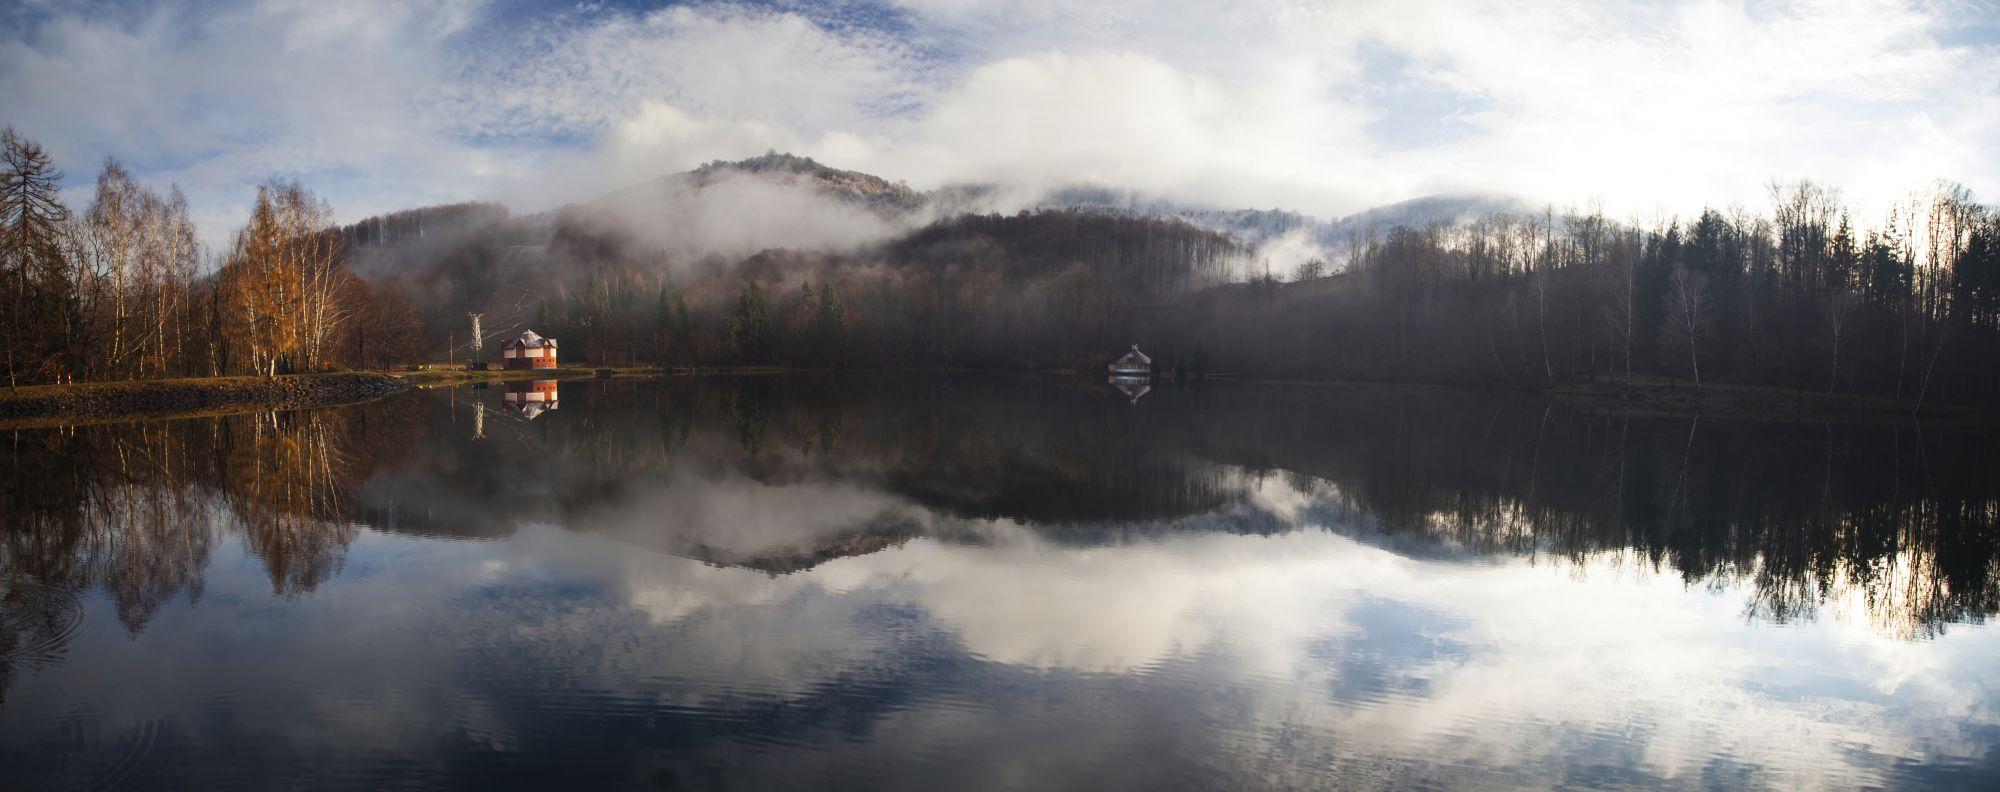 Sumuinen järvi- ja vuorimaisema